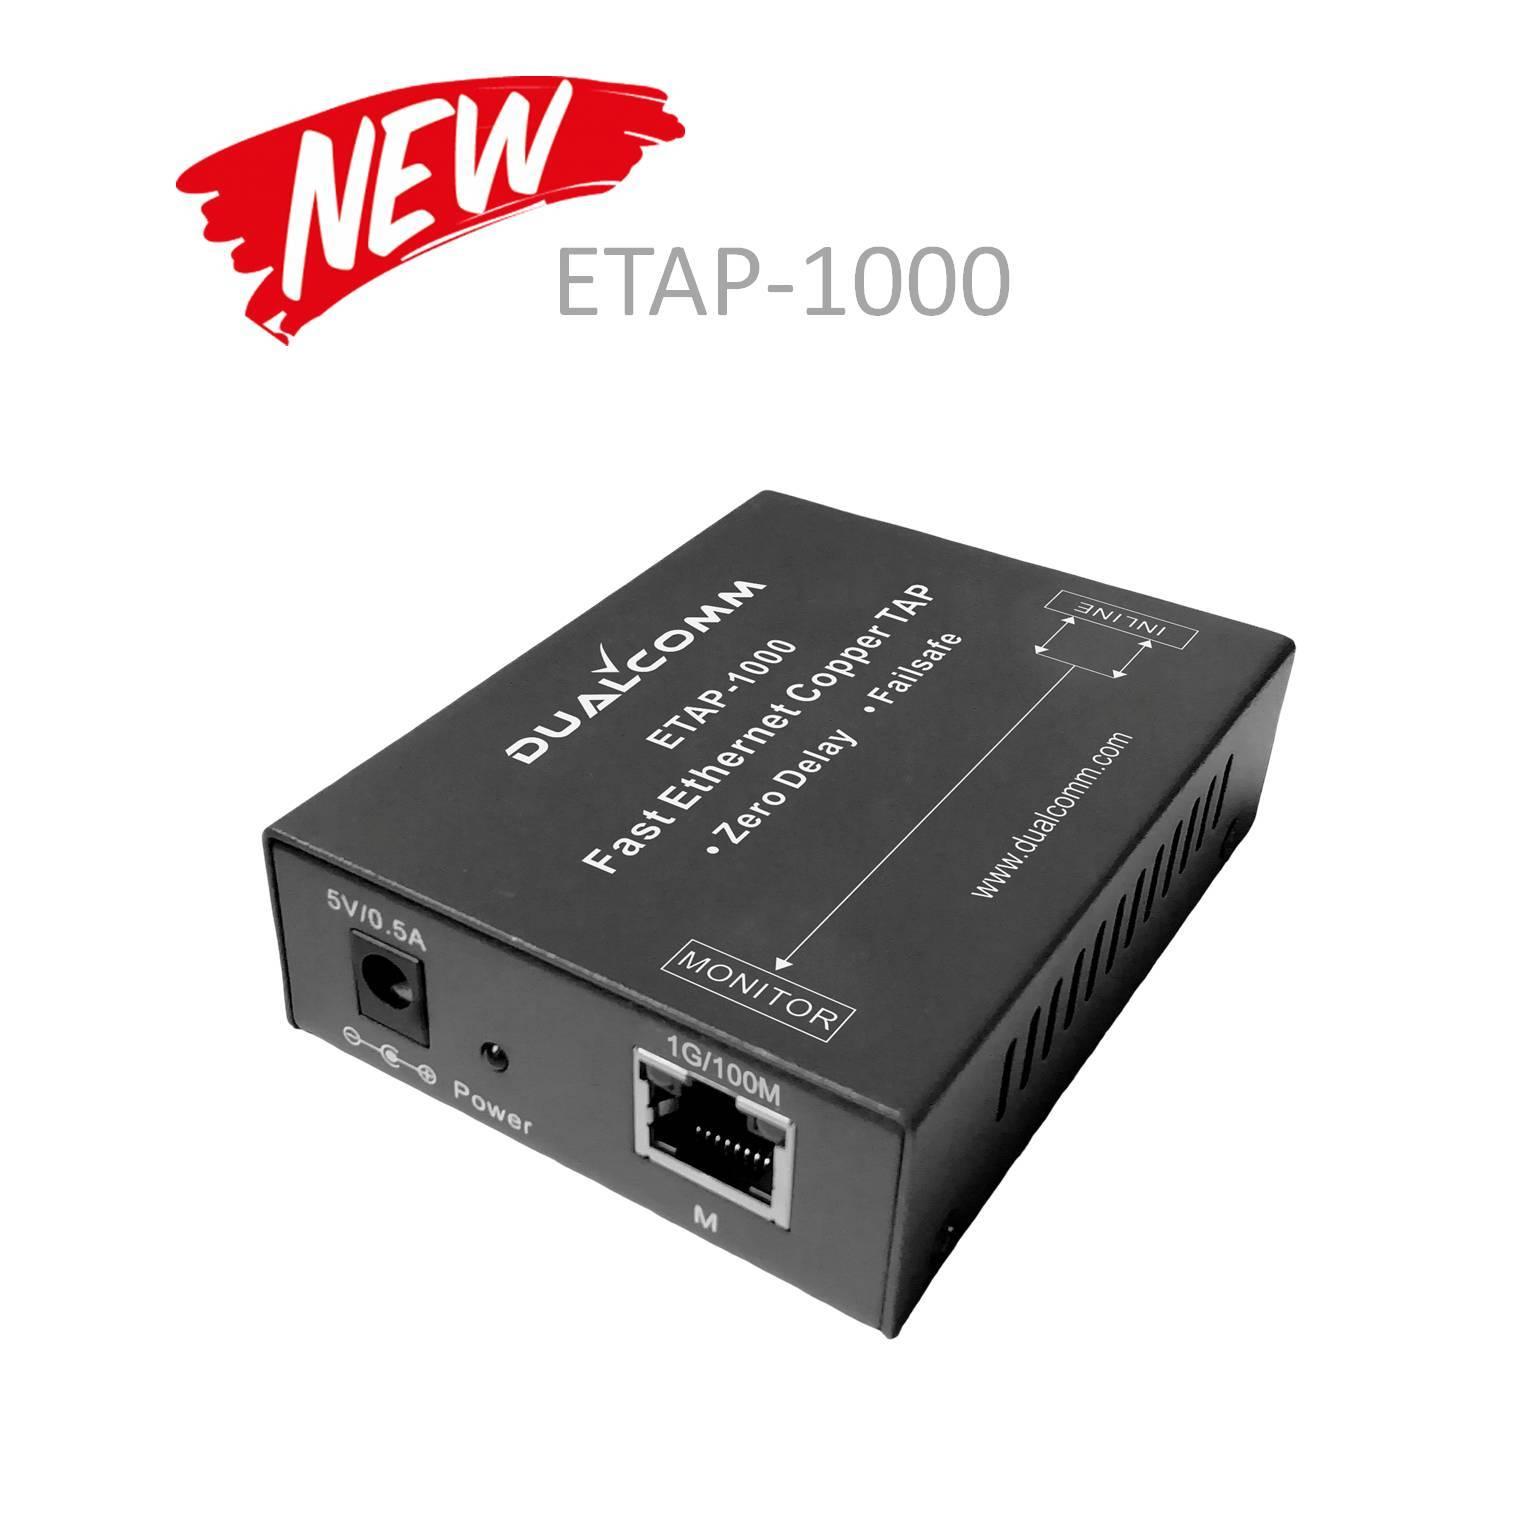 Image Network Tap ETAP1000